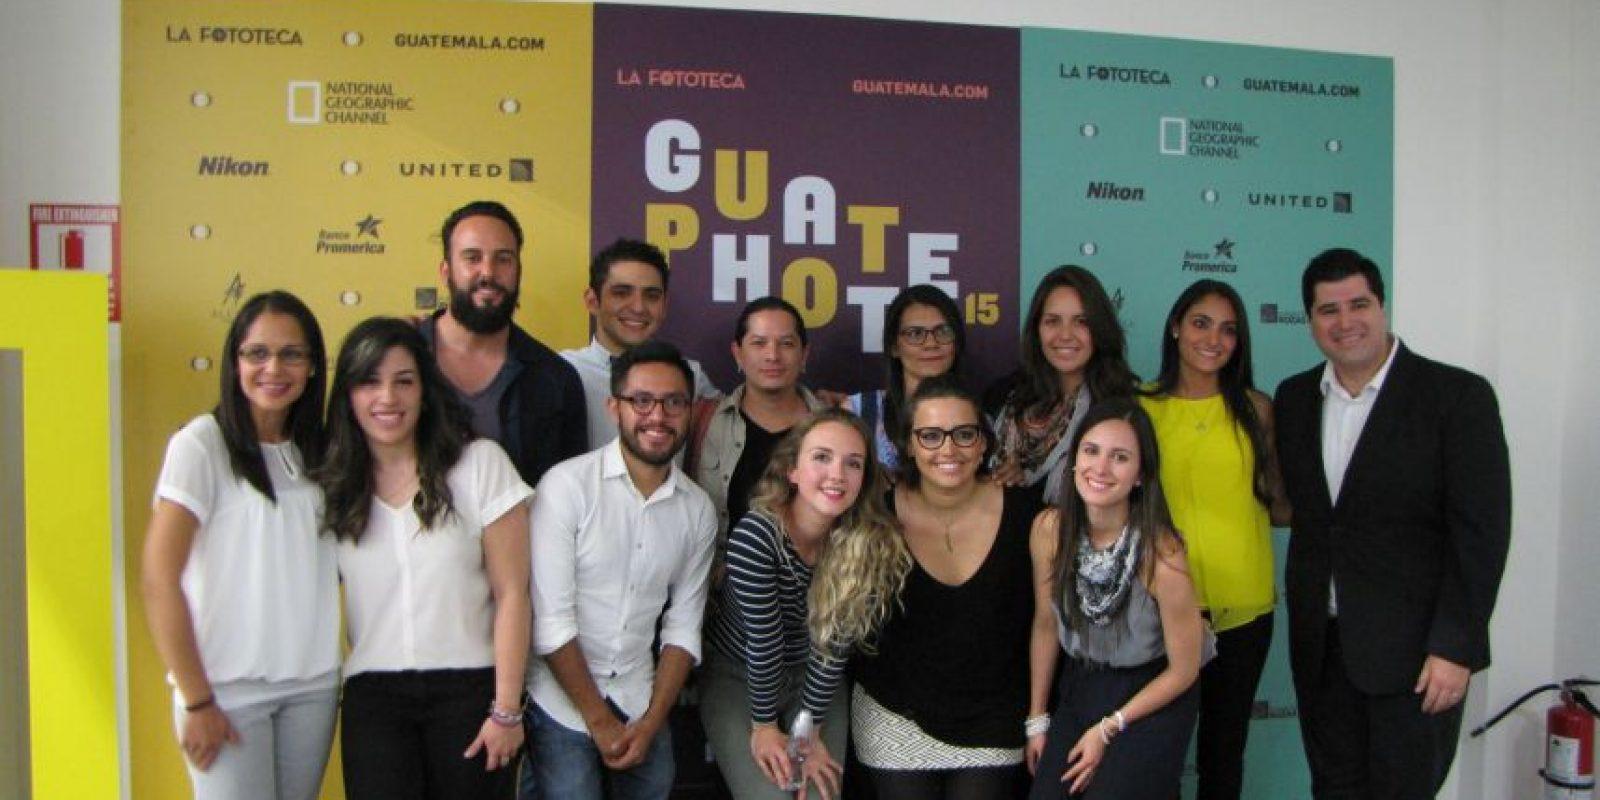 Foto:Cortesía Guatephoto